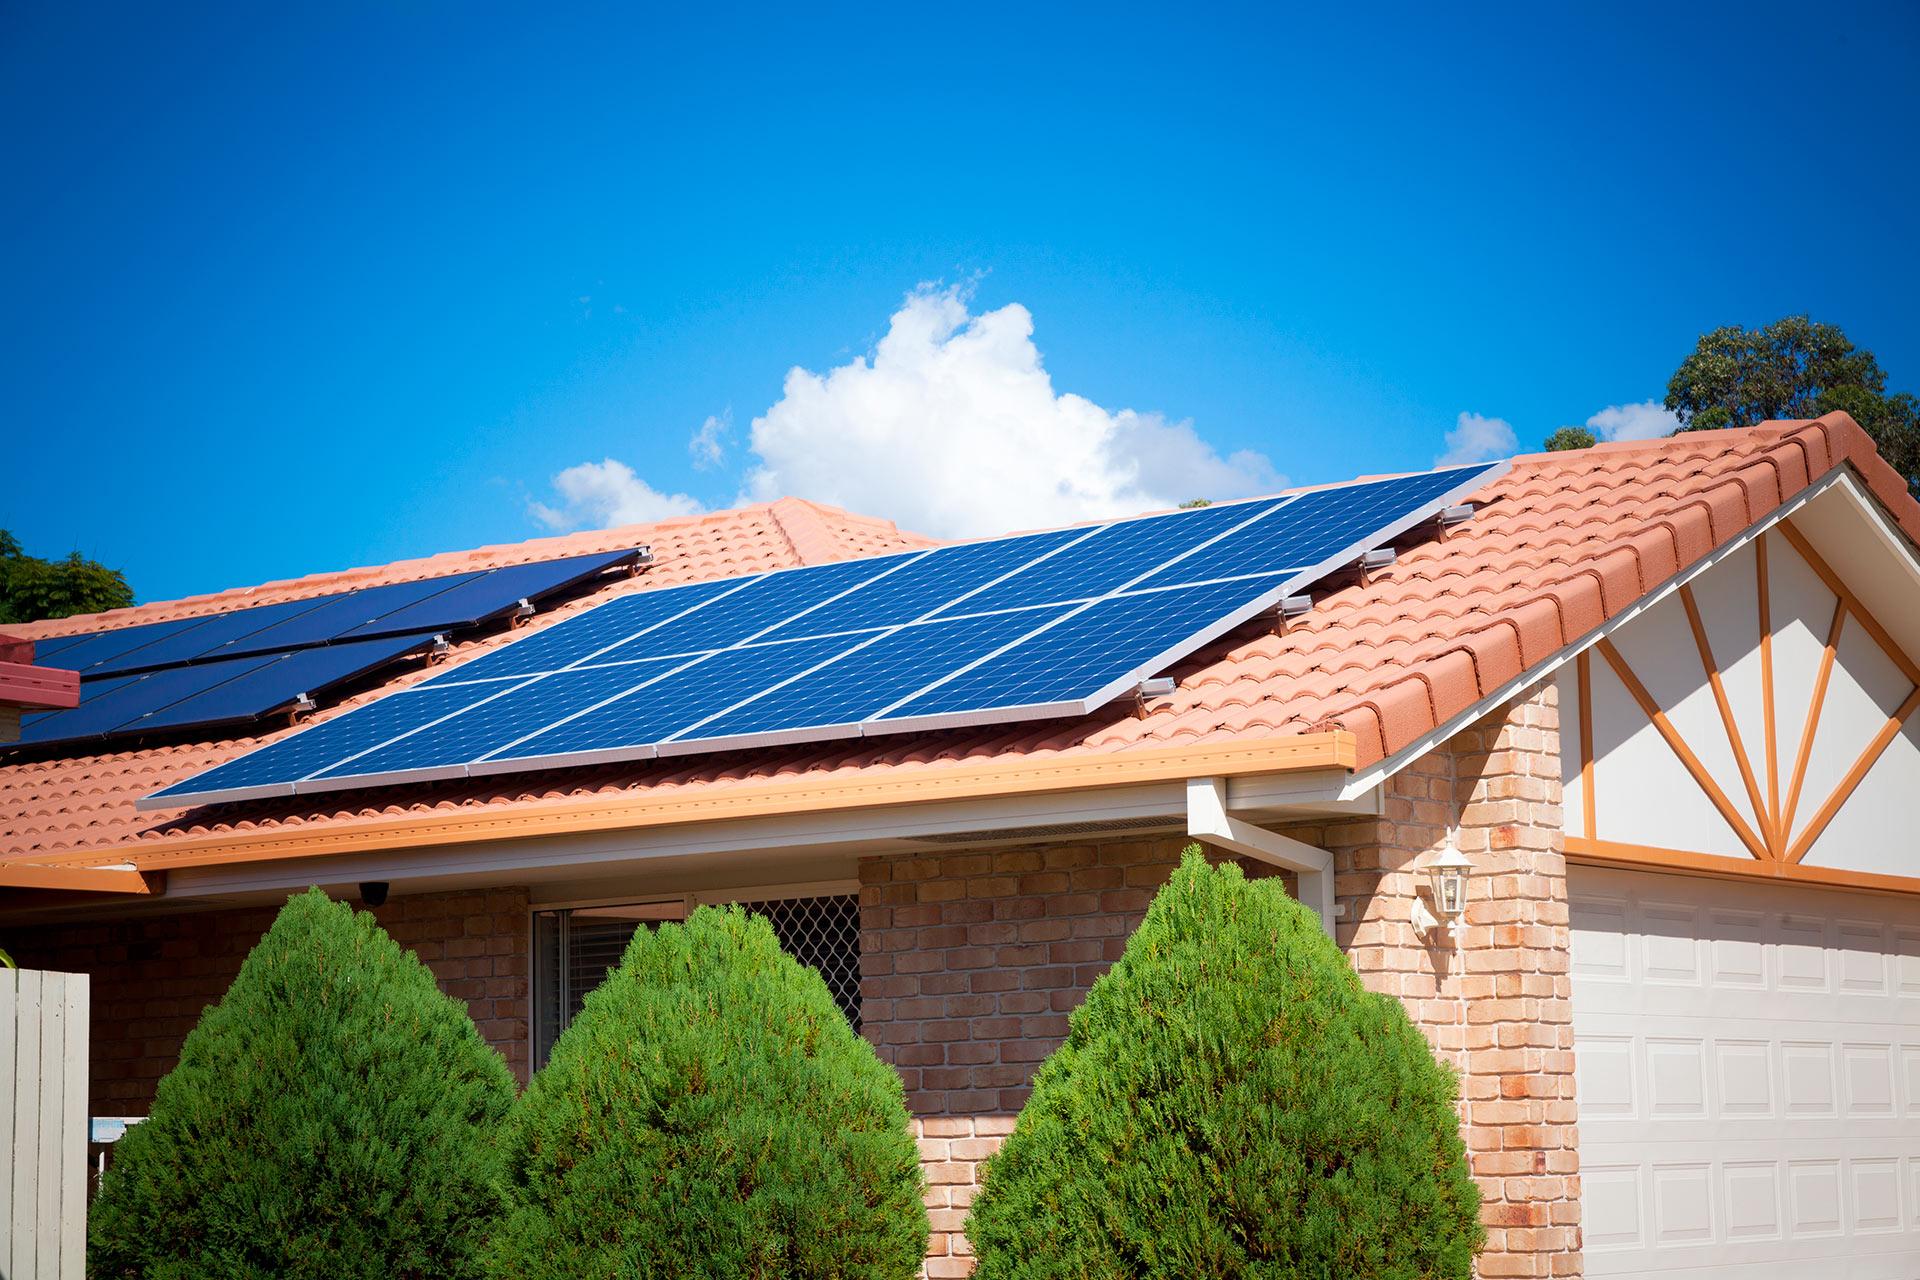 Energía solar, un área con potencial para capacitarse